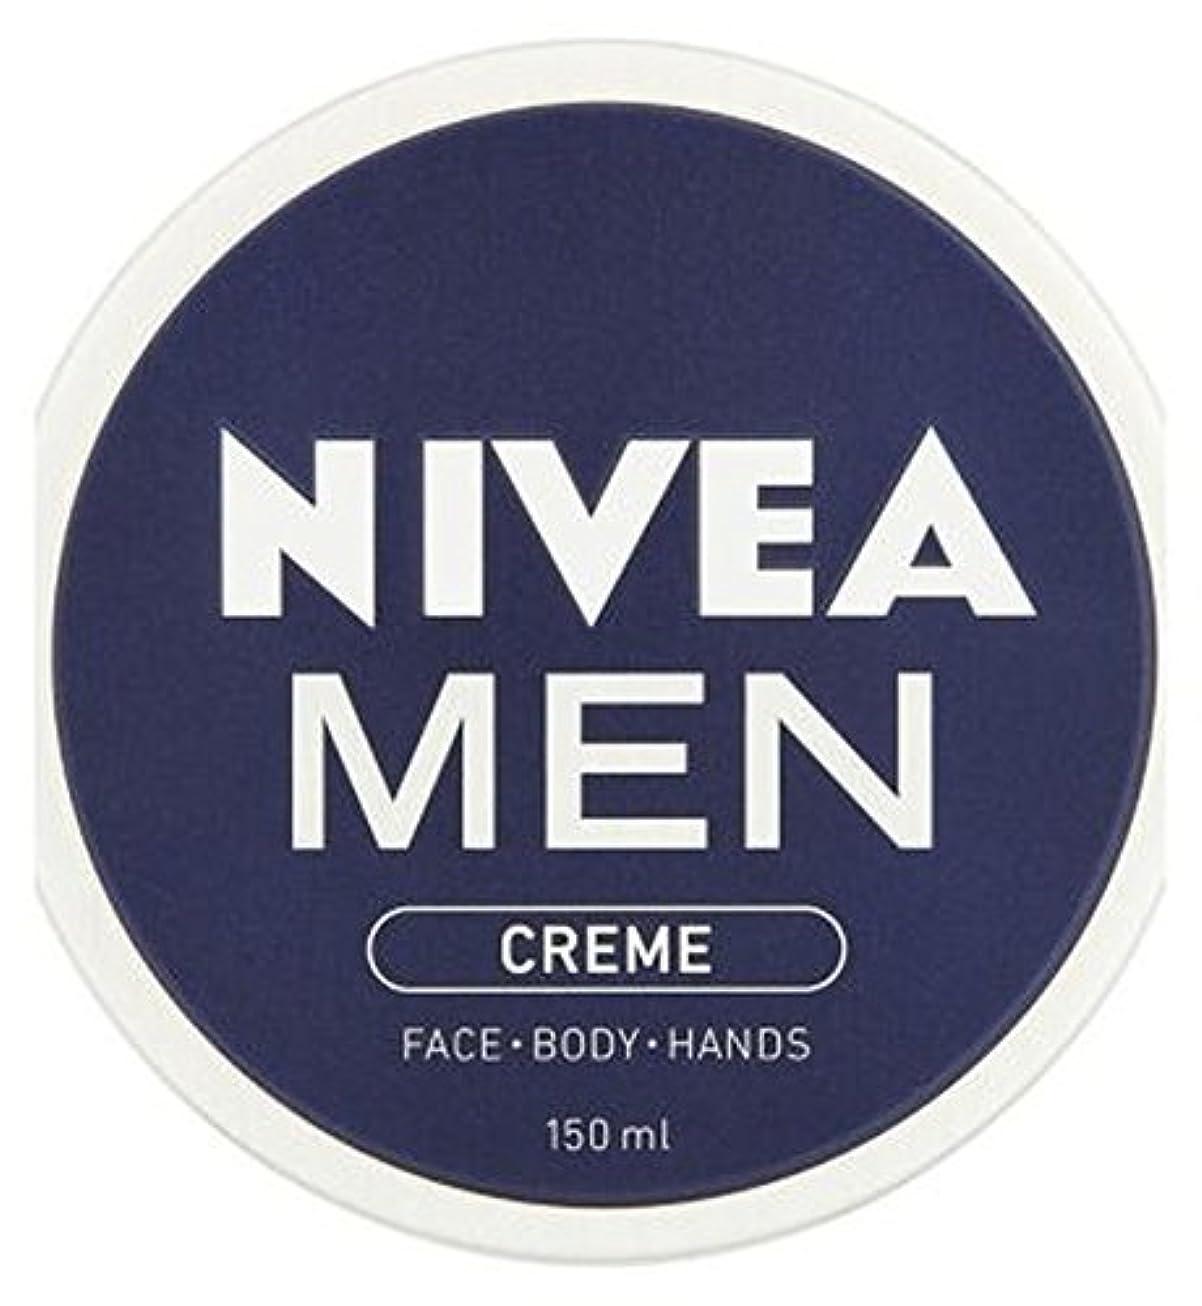 採用するワインインデックスNIVEA MEN Creme 150ml - ニベアの男性が150ミリリットルクリーム (Nivea) [並行輸入品]